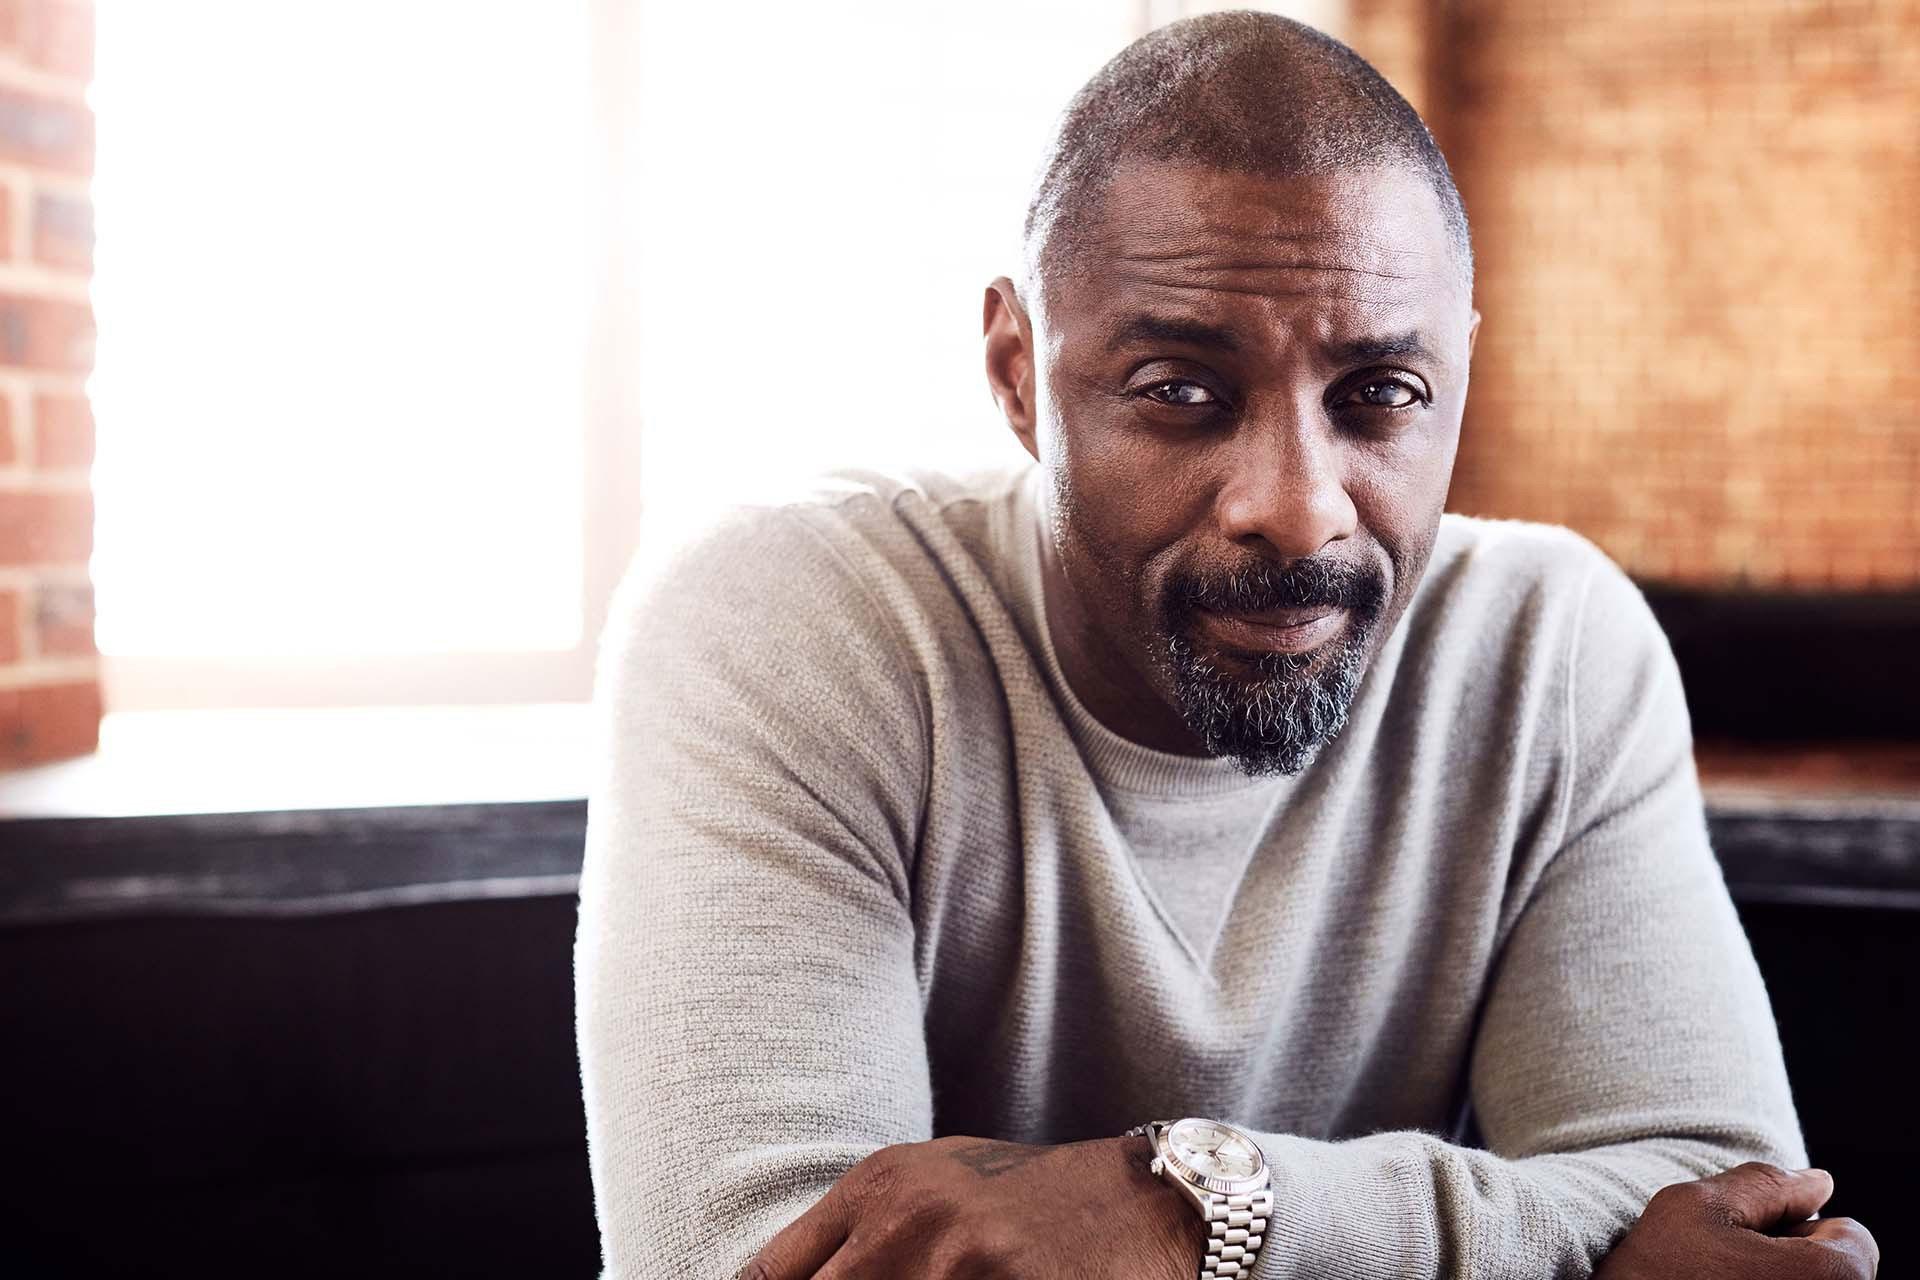 Bonding with Idris Elba